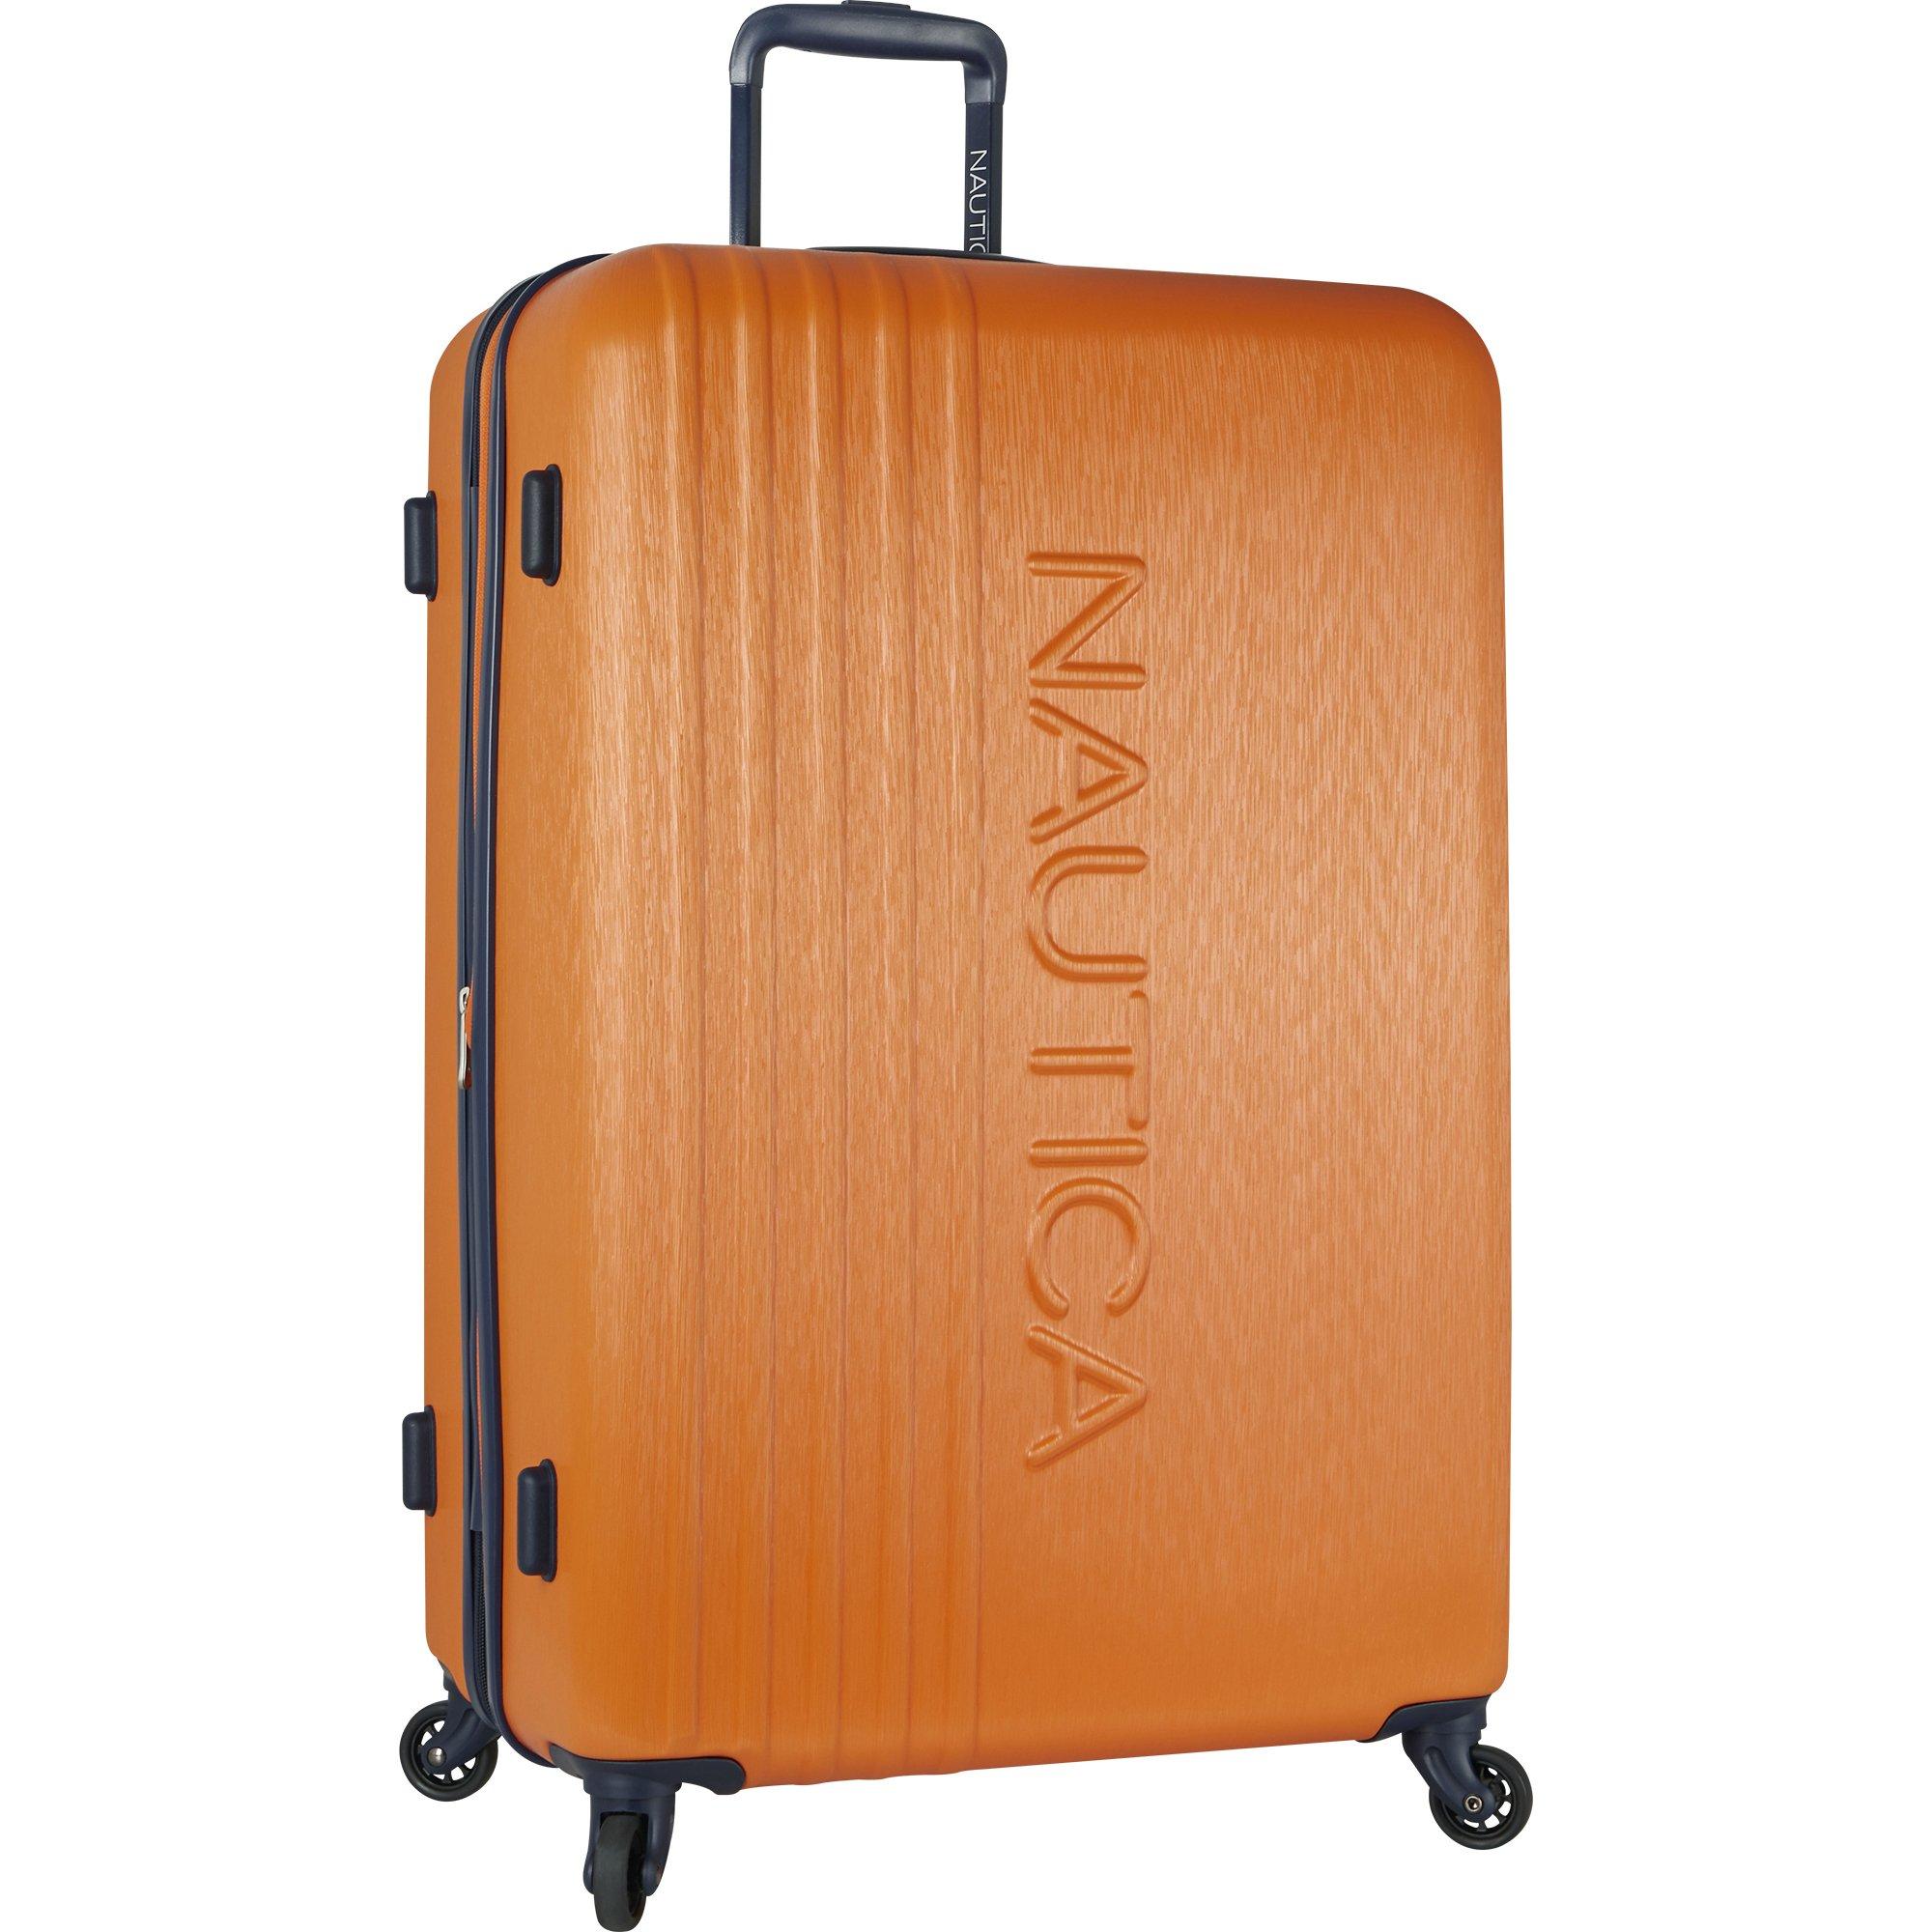 Nautica Ahoy Hardside Expandable 4-Wheeled Luggage-28 Inch Checked Size, Classic Orange